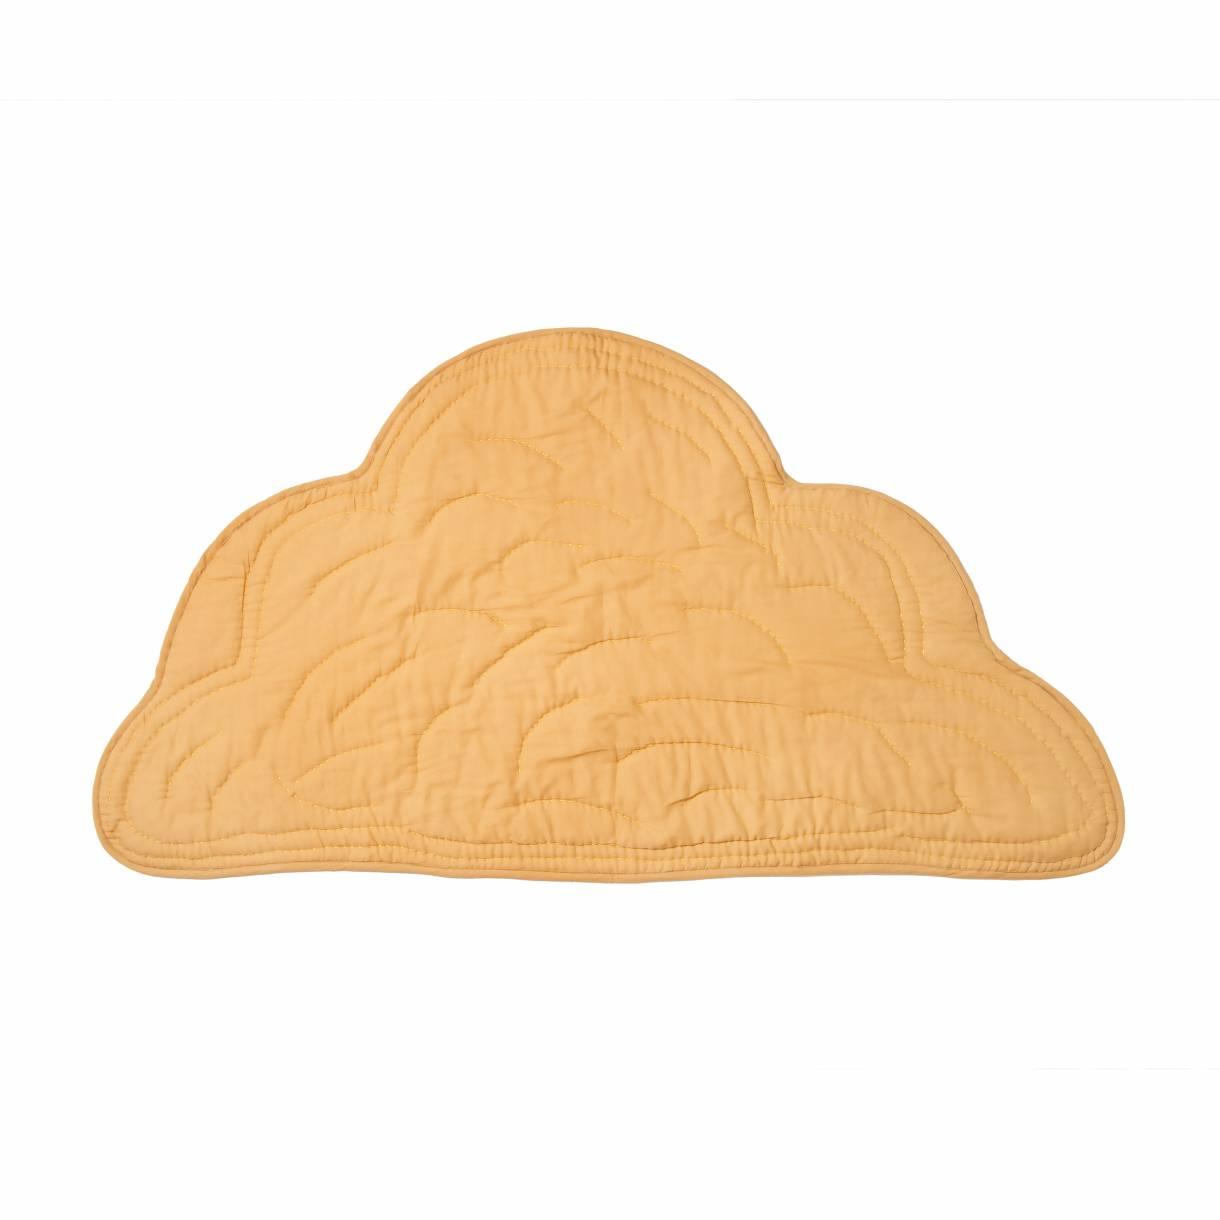 House of Rym - Scandinavian Design - On a cloud - Playmat